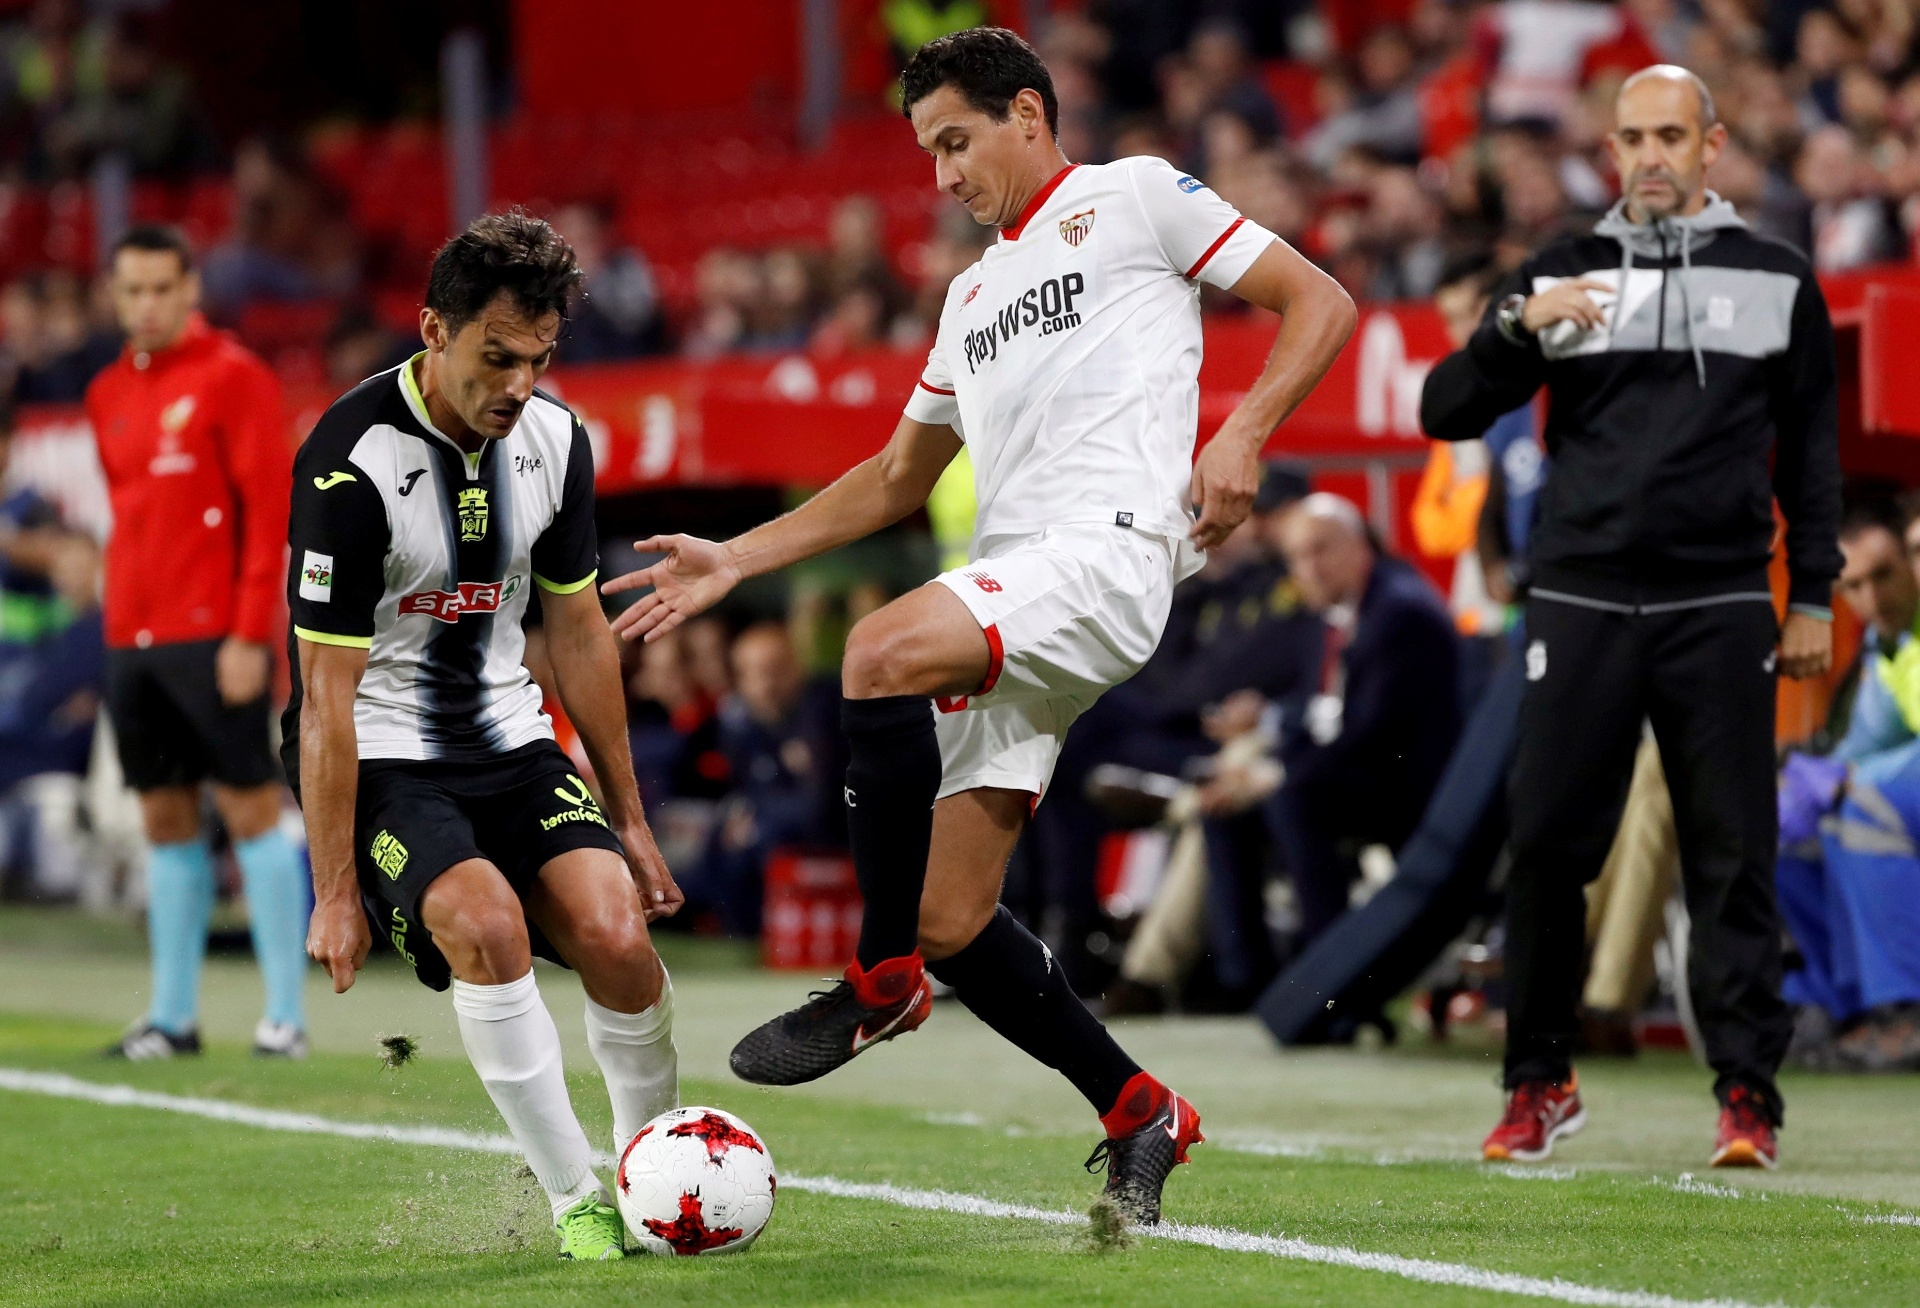 Mercado da Bola  Flamengo renova com Diego e Athletico sonda Ganso -  22 01 2019 - UOL Esporte c004171fd4